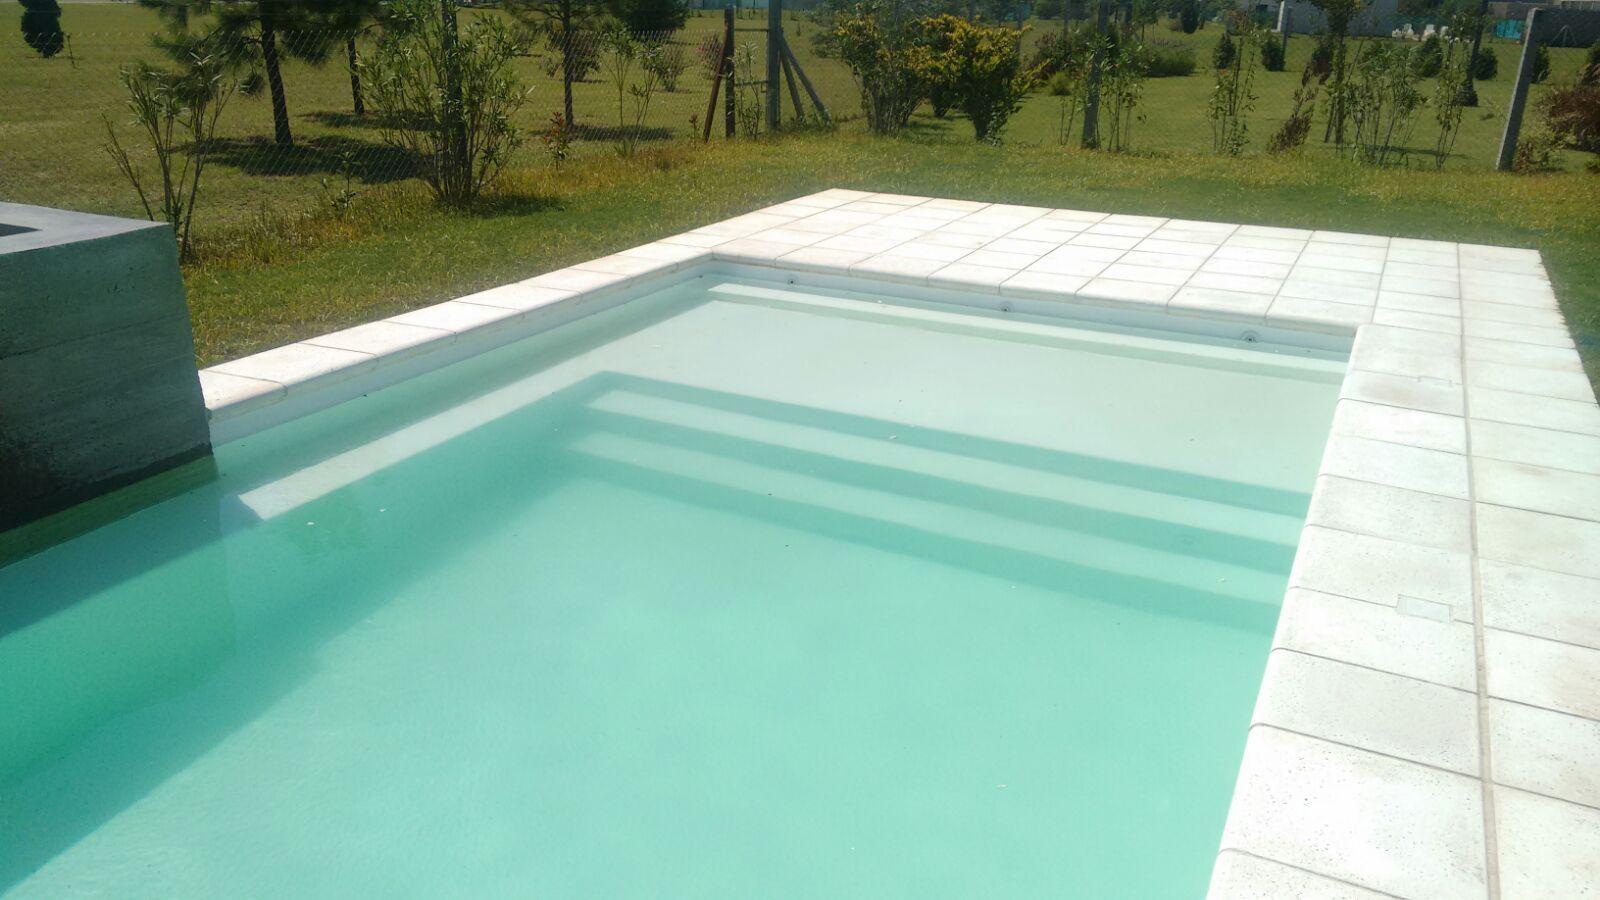 Piscinas para perros dise o casa dise o for Diseno de piscinas pdf